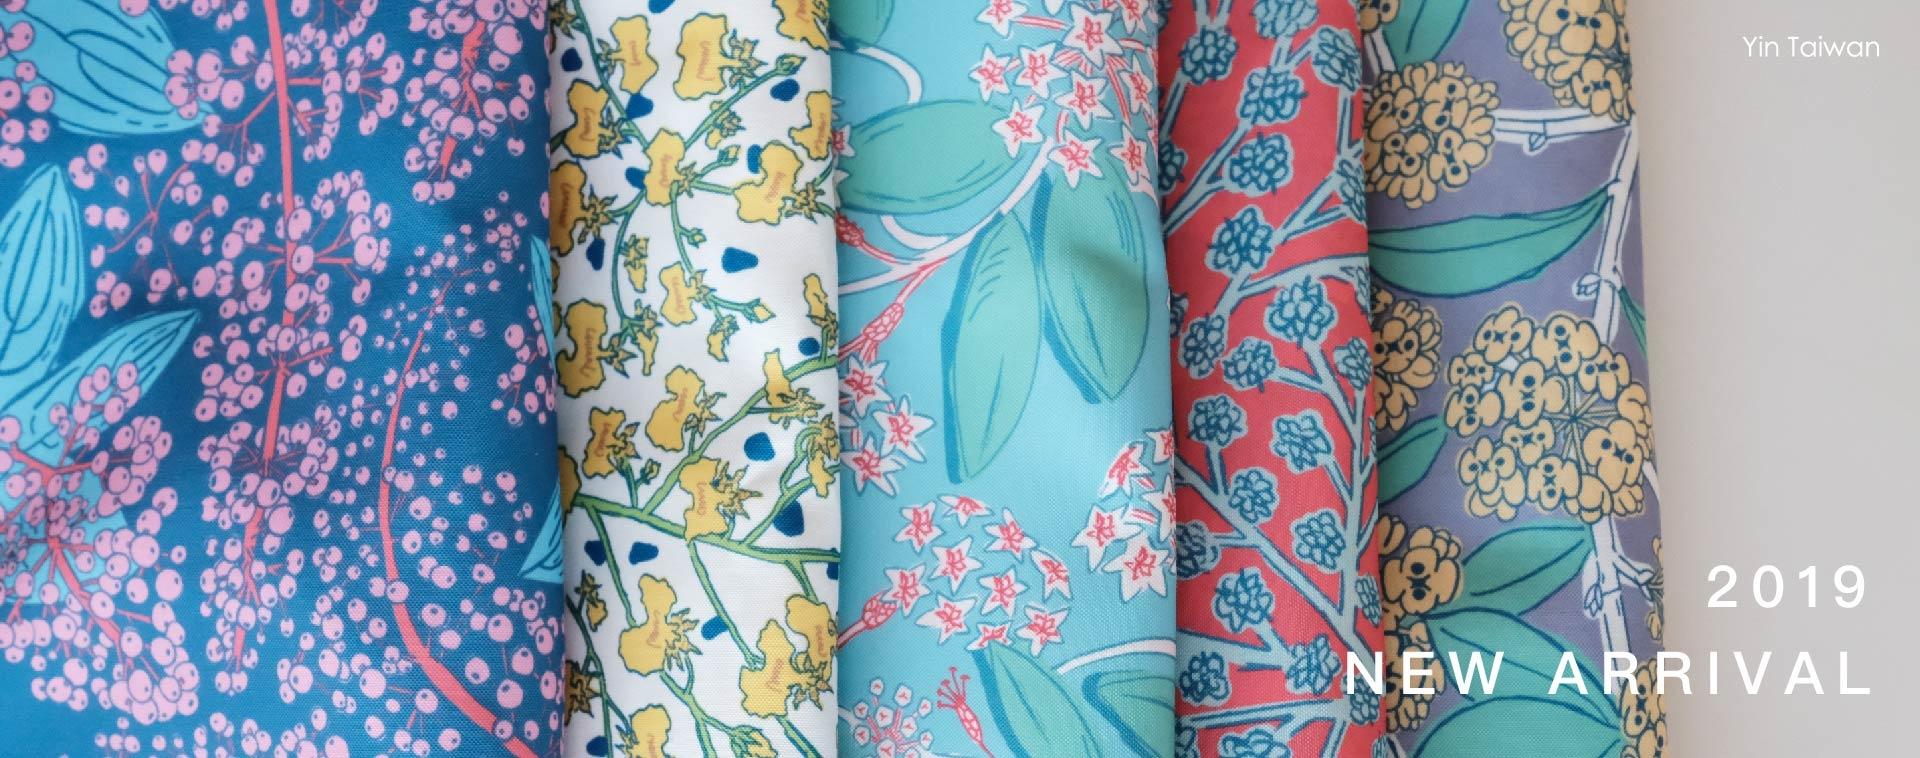 寶蓮花、文心蘭、毬蘭、滿天星、桂花的印花布